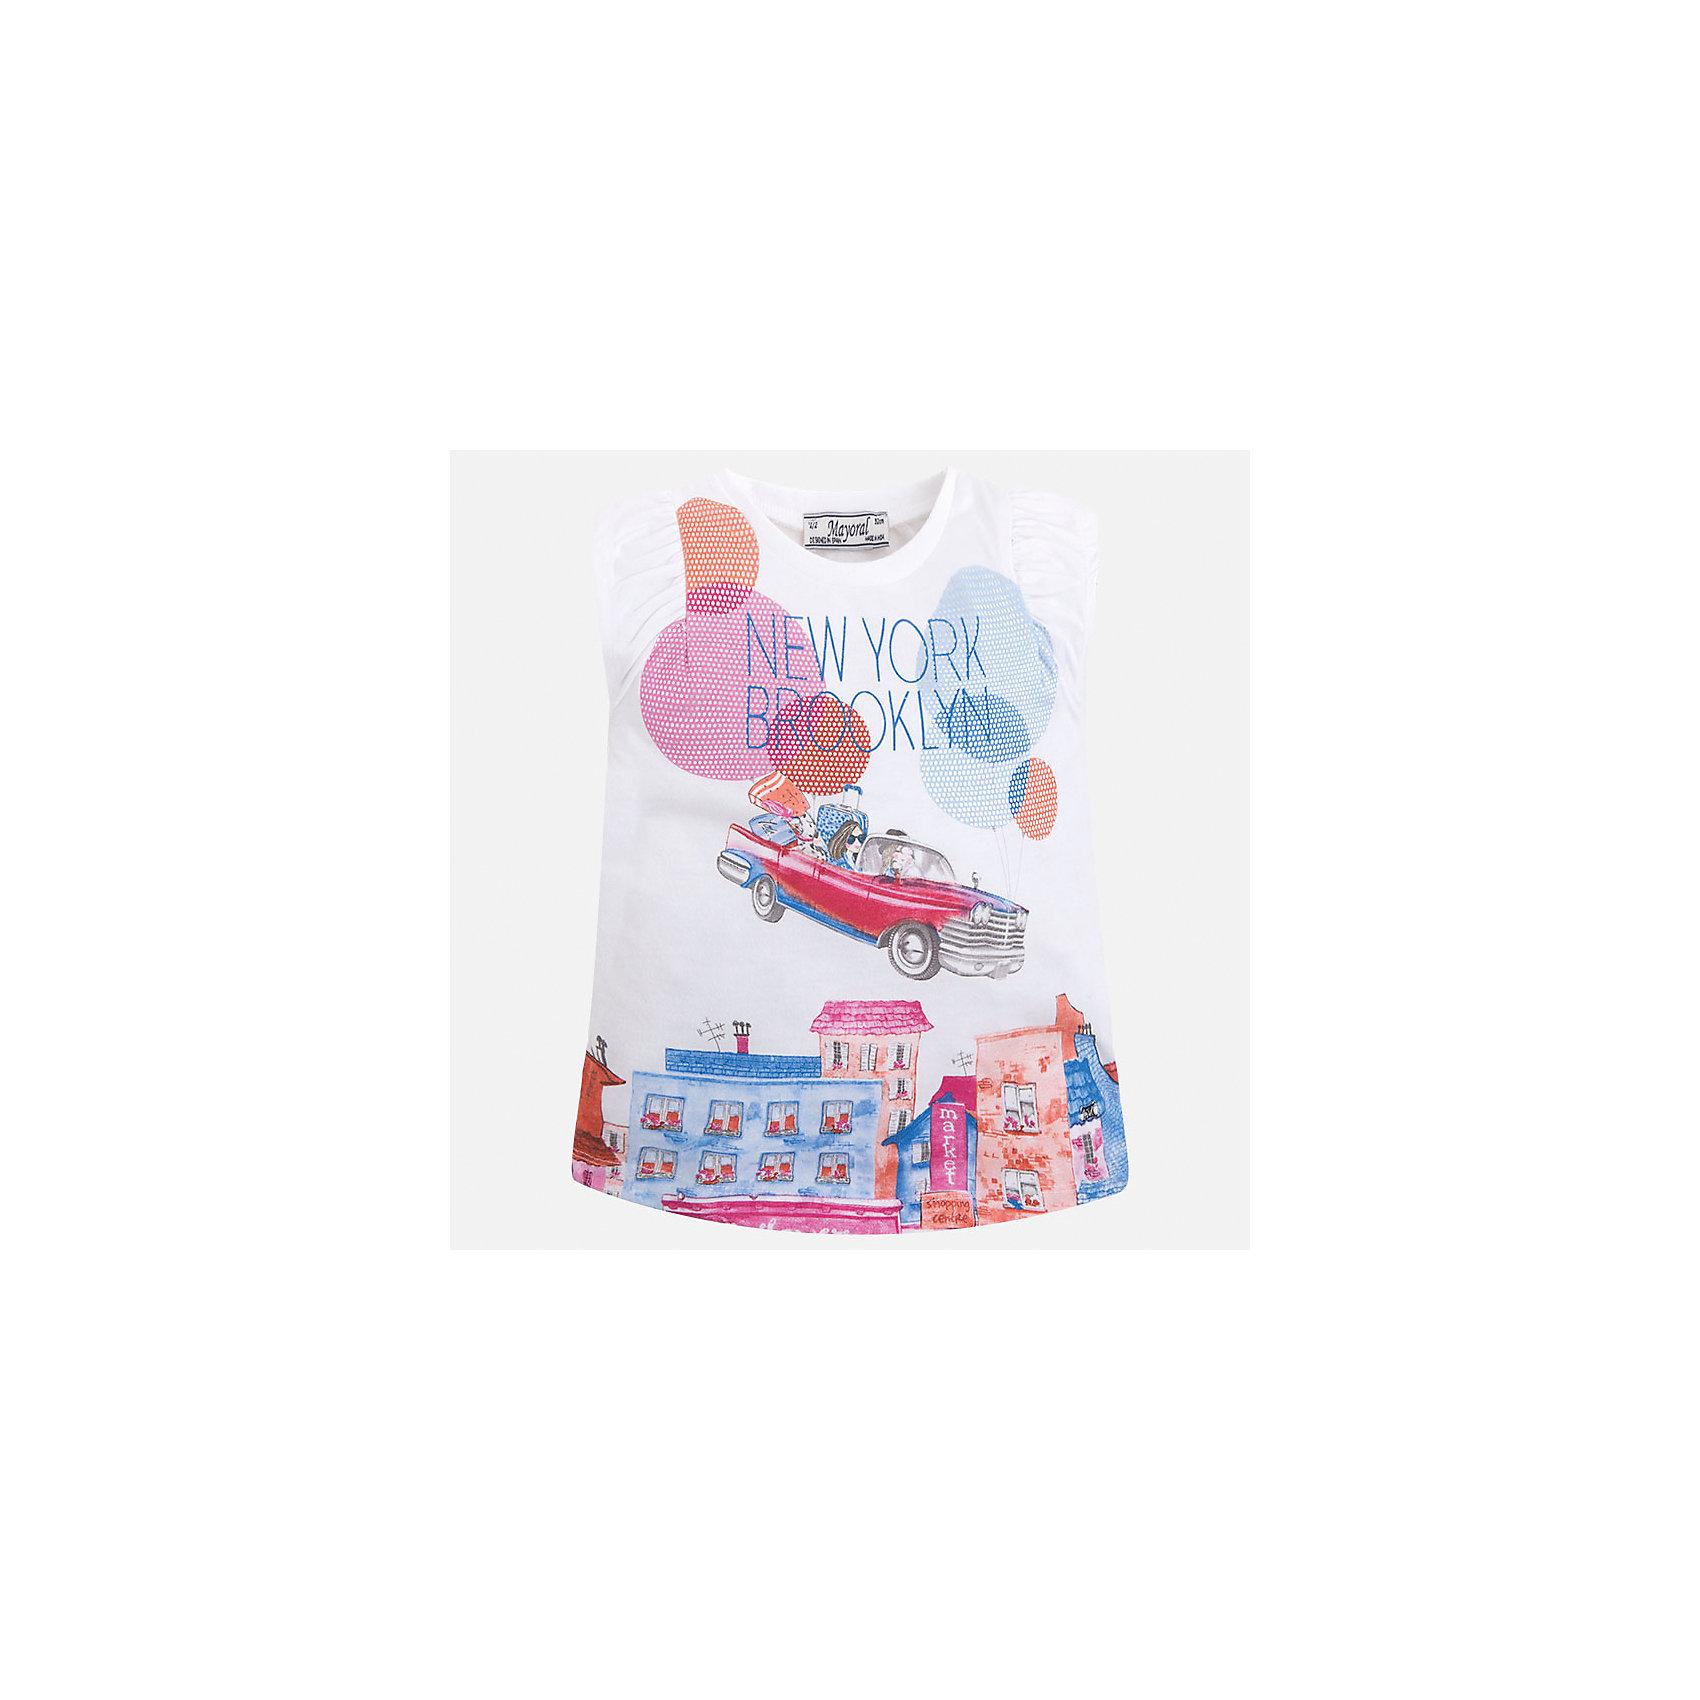 Футболка для девочки MayoralХарактеристики товара:<br><br>• цвет: белый принт<br>• состав: 50% хлопок, 50% полиэстер<br>• эластичный материал<br>• декорирована принтом<br>• расширена снизу<br>• присборены плечи<br>• округлый горловой вырез<br>• страна бренда: Испания<br><br>Стильная качественная футболка для девочки поможет разнообразить гардероб ребенка и украсить наряд. Она отлично сочетается и с юбками, и с шортами, и с брюками. Универсальный цвет позволяет подобрать к вещи низ практически любой расцветки. Интересная отделка модели делает её нарядной и оригинальной. В составе материала есть натуральный хлопок, гипоаллергенный, приятный на ощупь, дышащий.<br><br>Одежда, обувь и аксессуары от испанского бренда Mayoral полюбились детям и взрослым по всему миру. Модели этой марки - стильные и удобные. Для их производства используются только безопасные, качественные материалы и фурнитура. Порадуйте ребенка модными и красивыми вещами от Mayoral! <br><br>Футболку для девочки от испанского бренда Mayoral (Майорал) можно купить в нашем интернет-магазине.<br><br>Ширина мм: 199<br>Глубина мм: 10<br>Высота мм: 161<br>Вес г: 151<br>Цвет: красный<br>Возраст от месяцев: 24<br>Возраст до месяцев: 36<br>Пол: Женский<br>Возраст: Детский<br>Размер: 98,134,92,104,110,116,122,128<br>SKU: 5289596